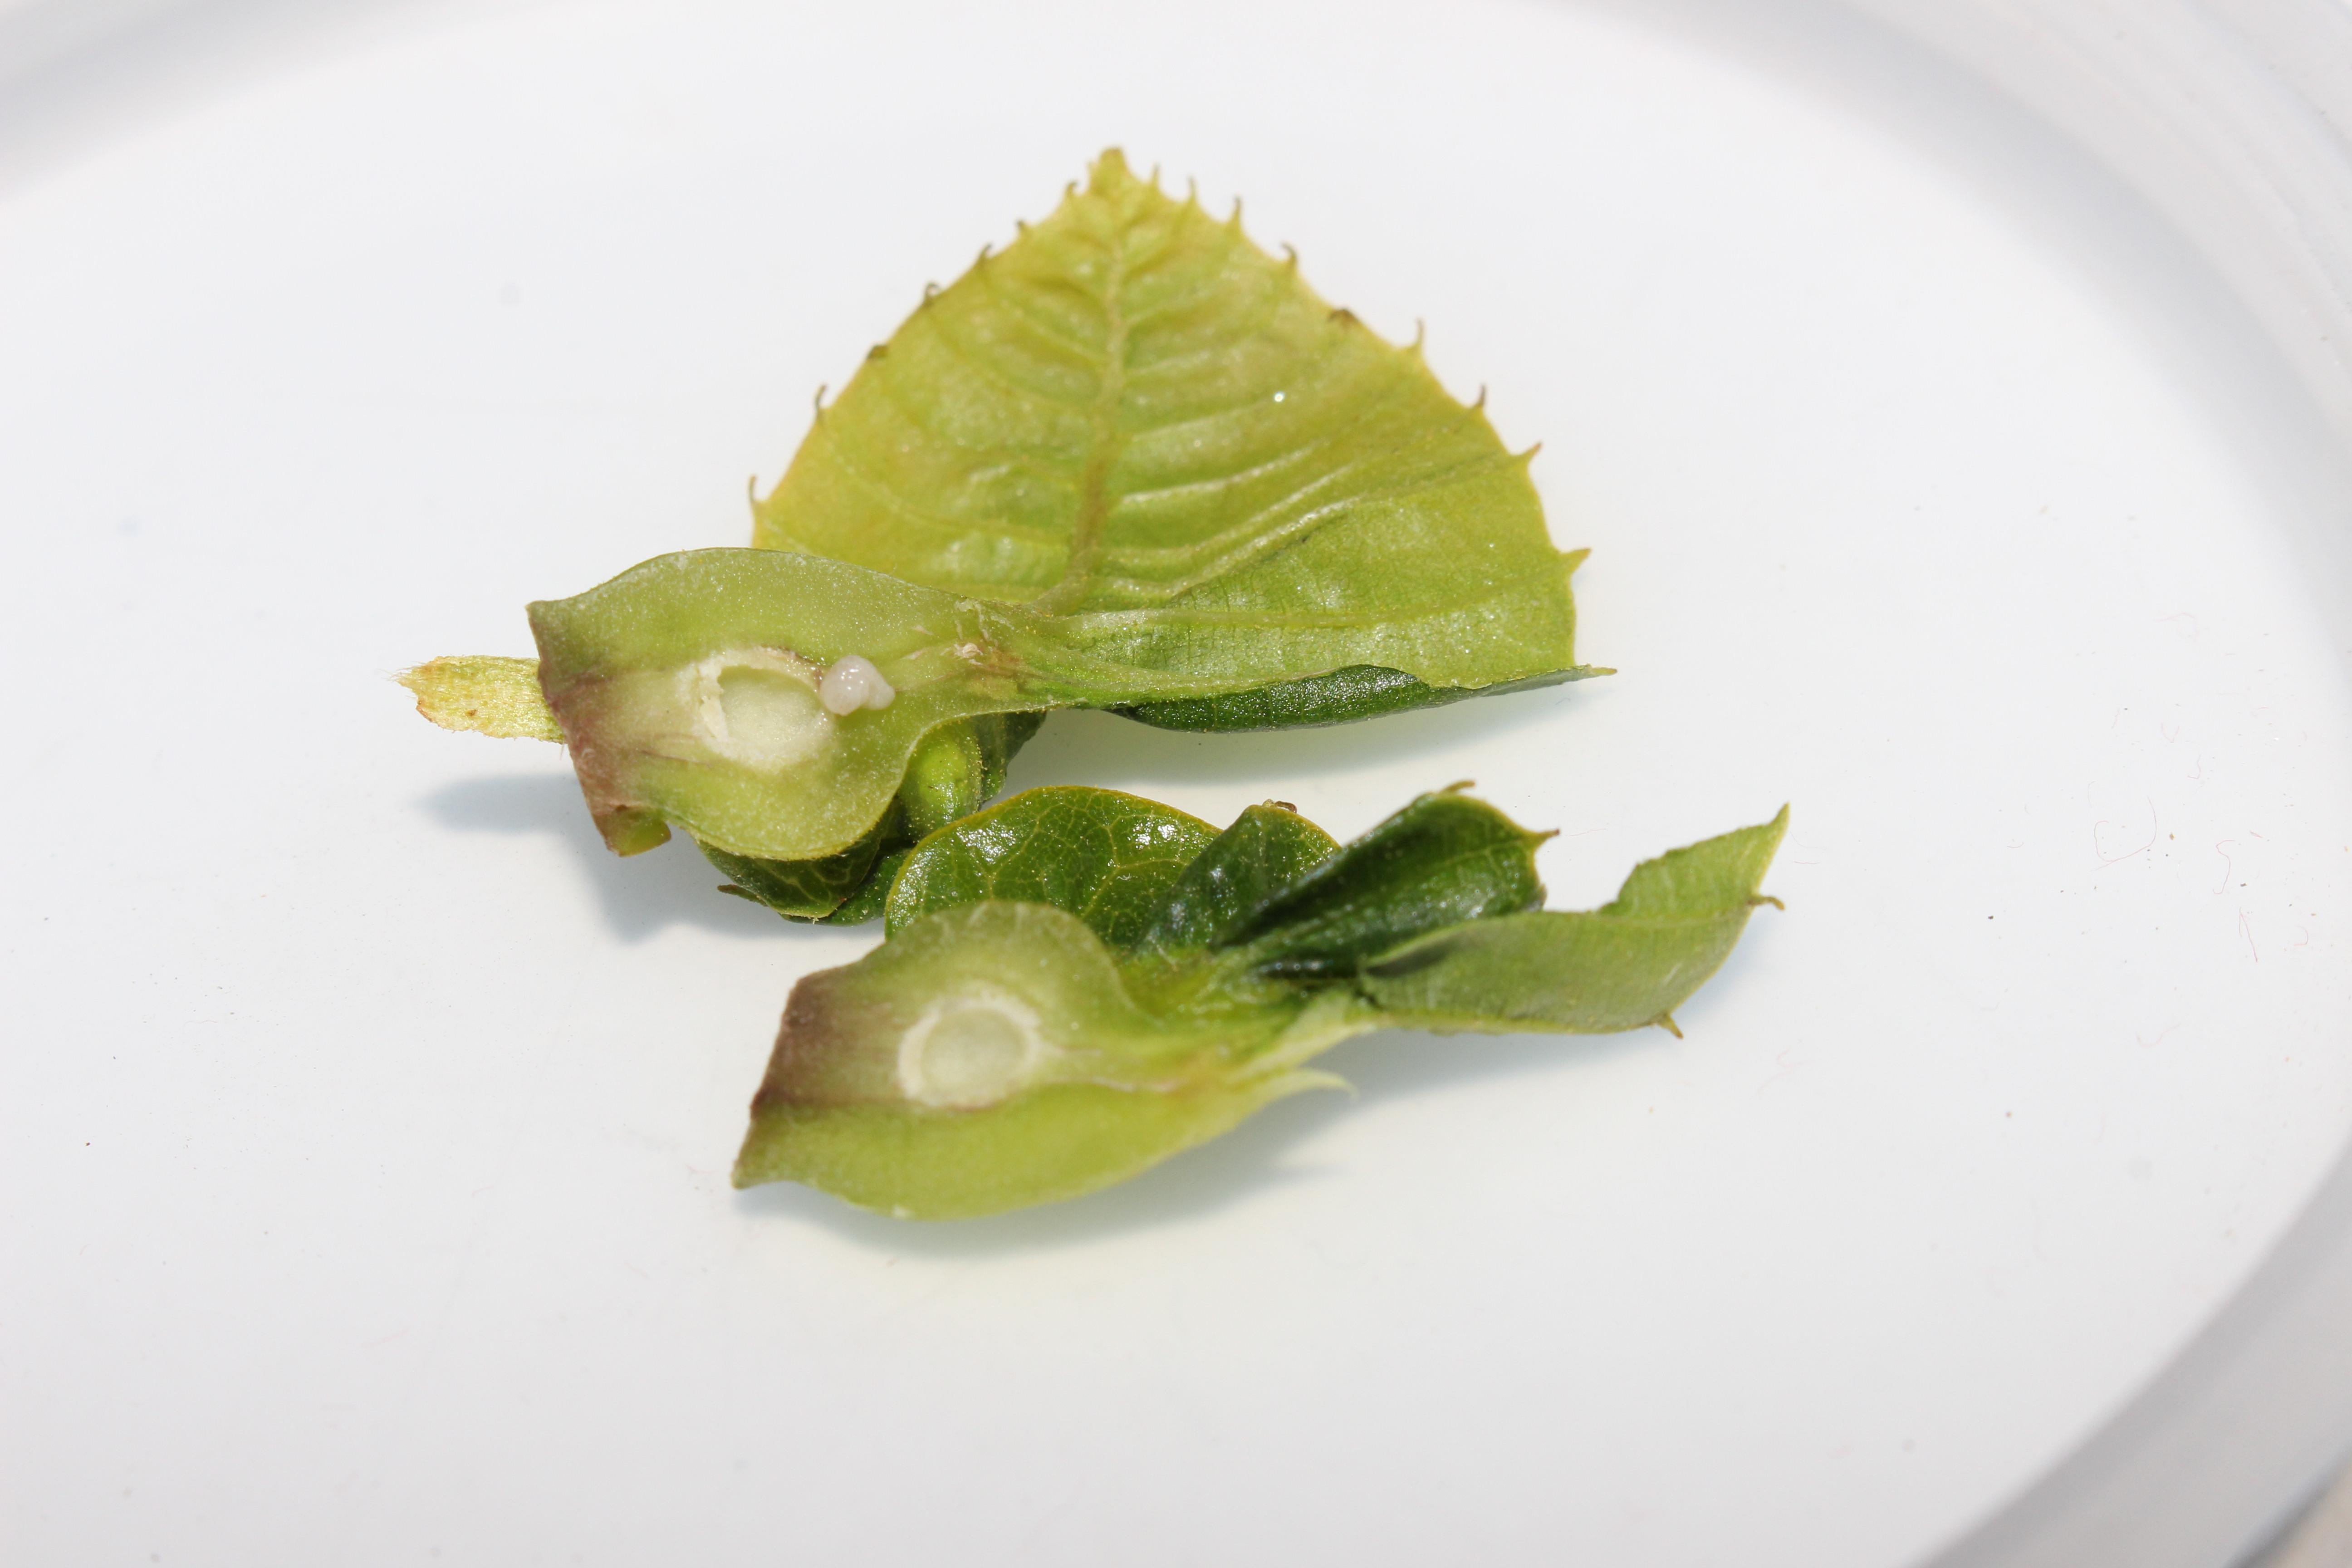 Larva de avispilla, en este caso la agalla se formó a partir de un solo huevo.